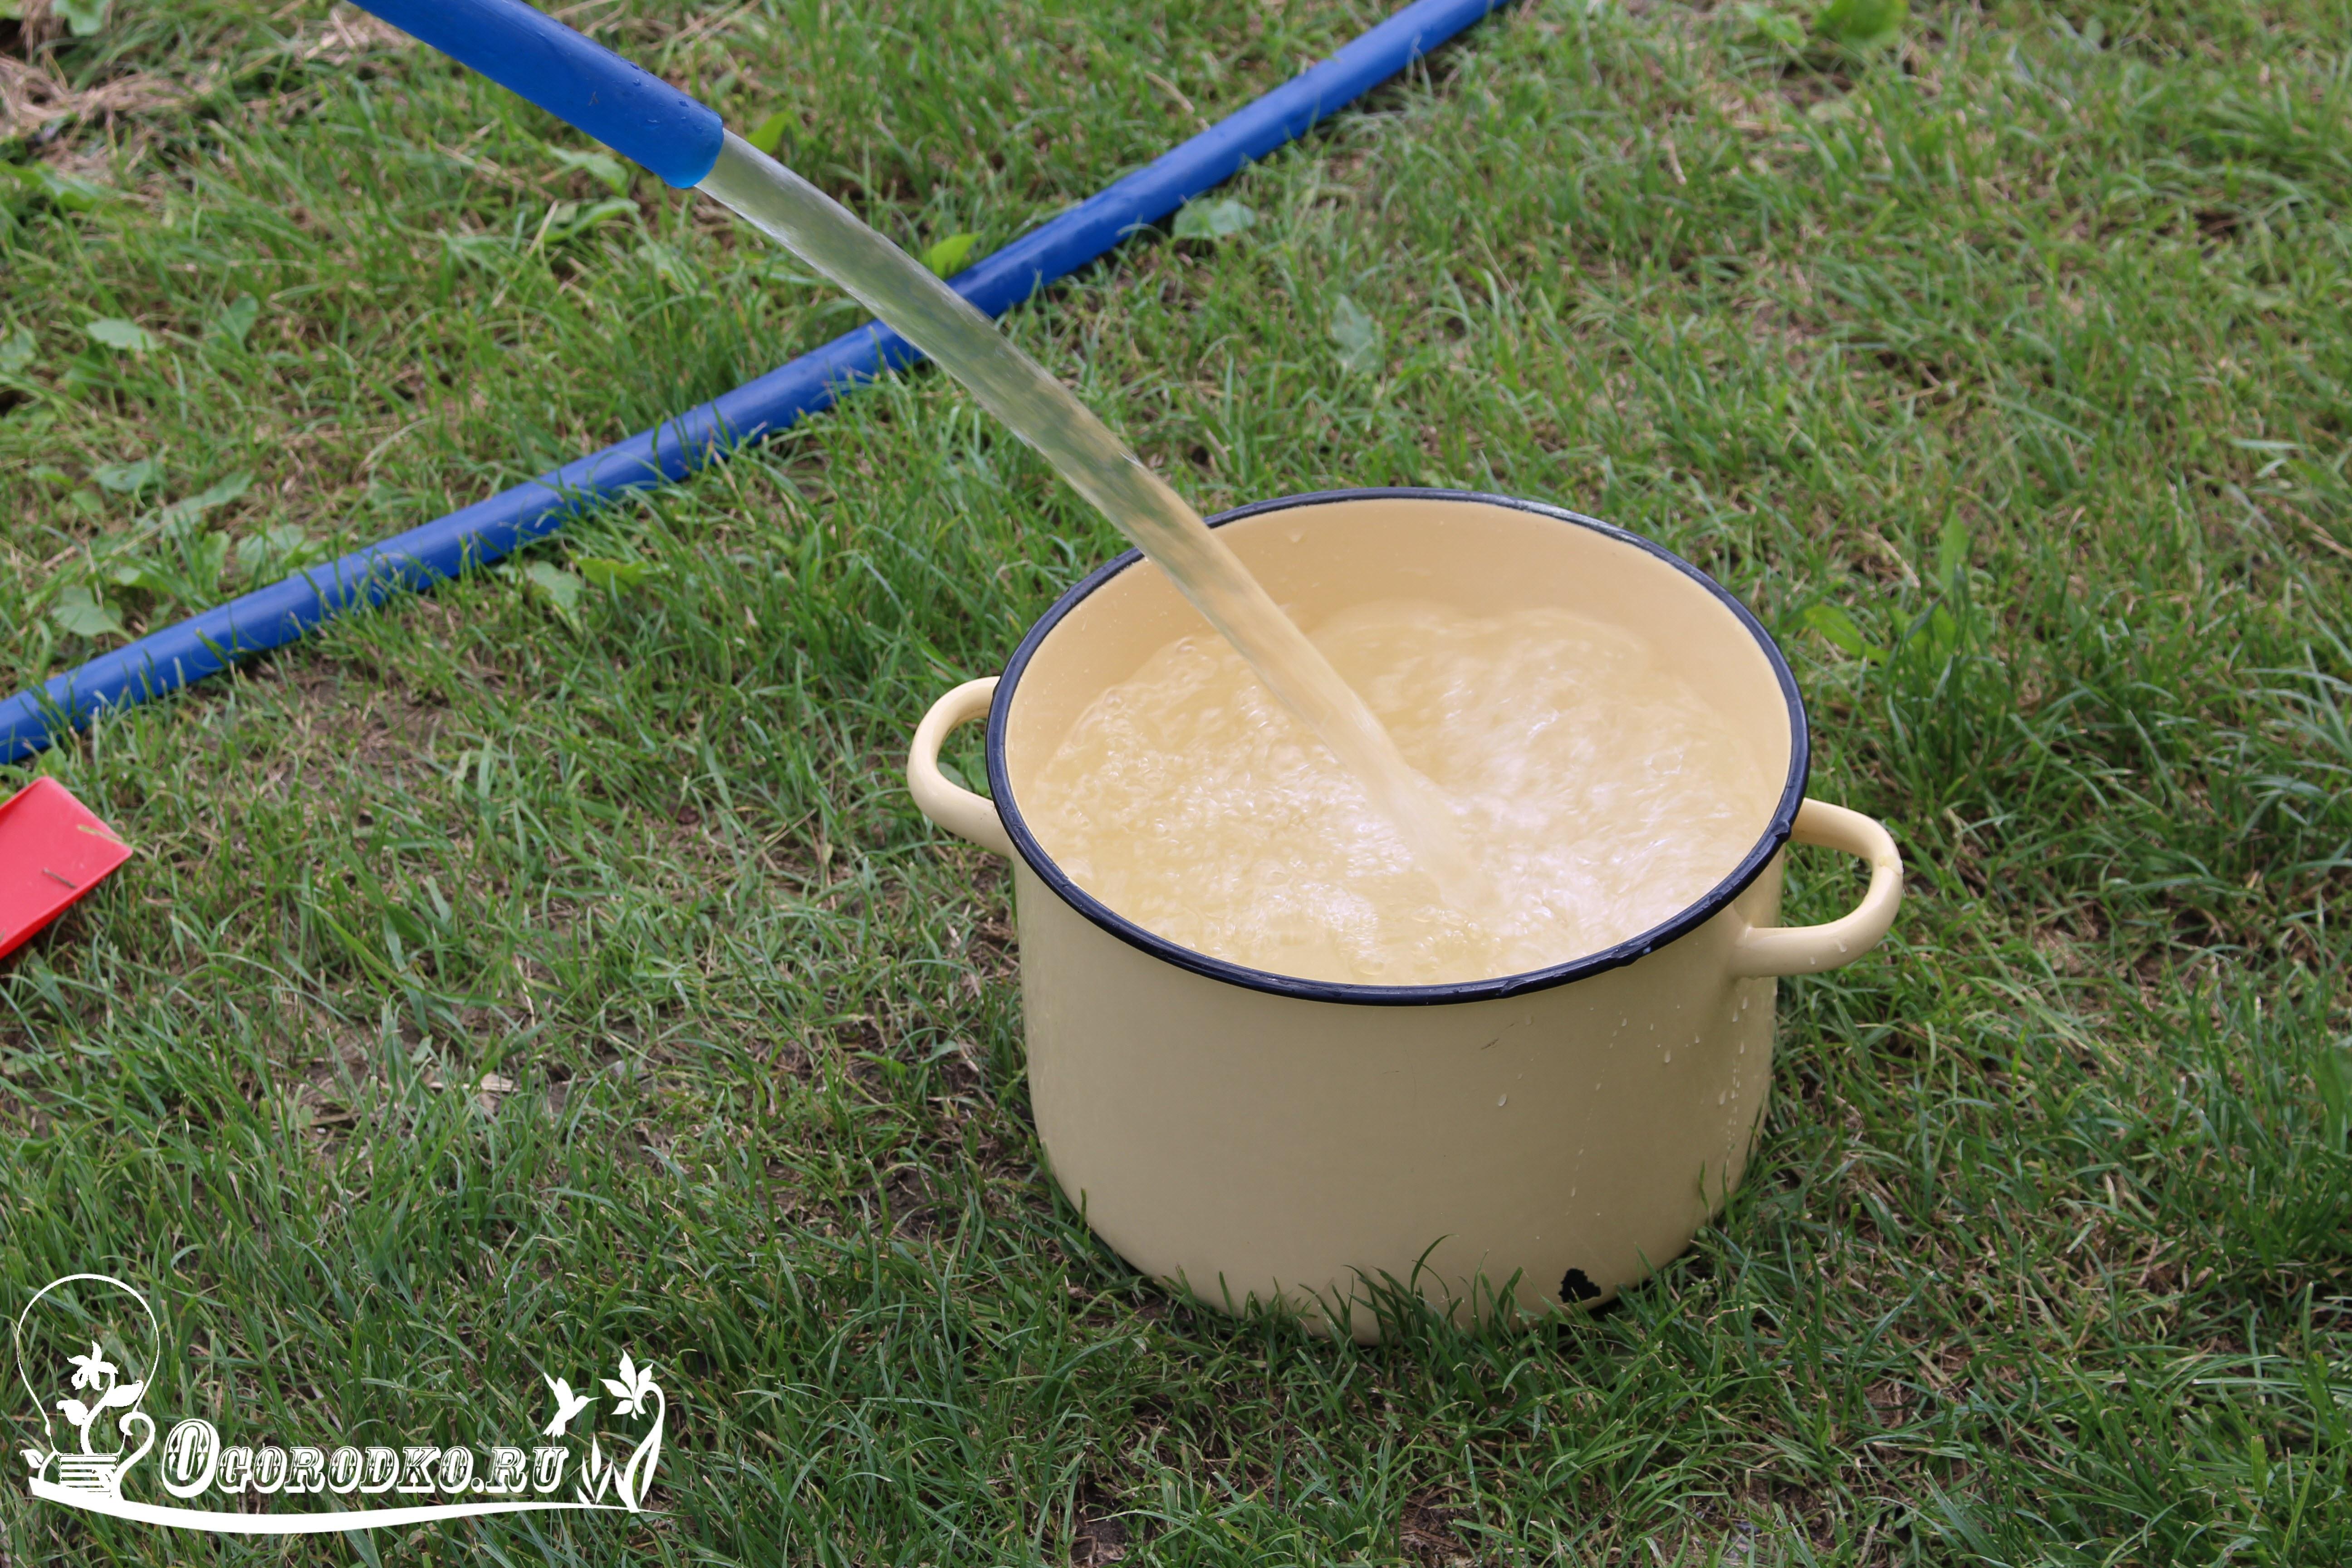 наливаем воду в кастрюлю